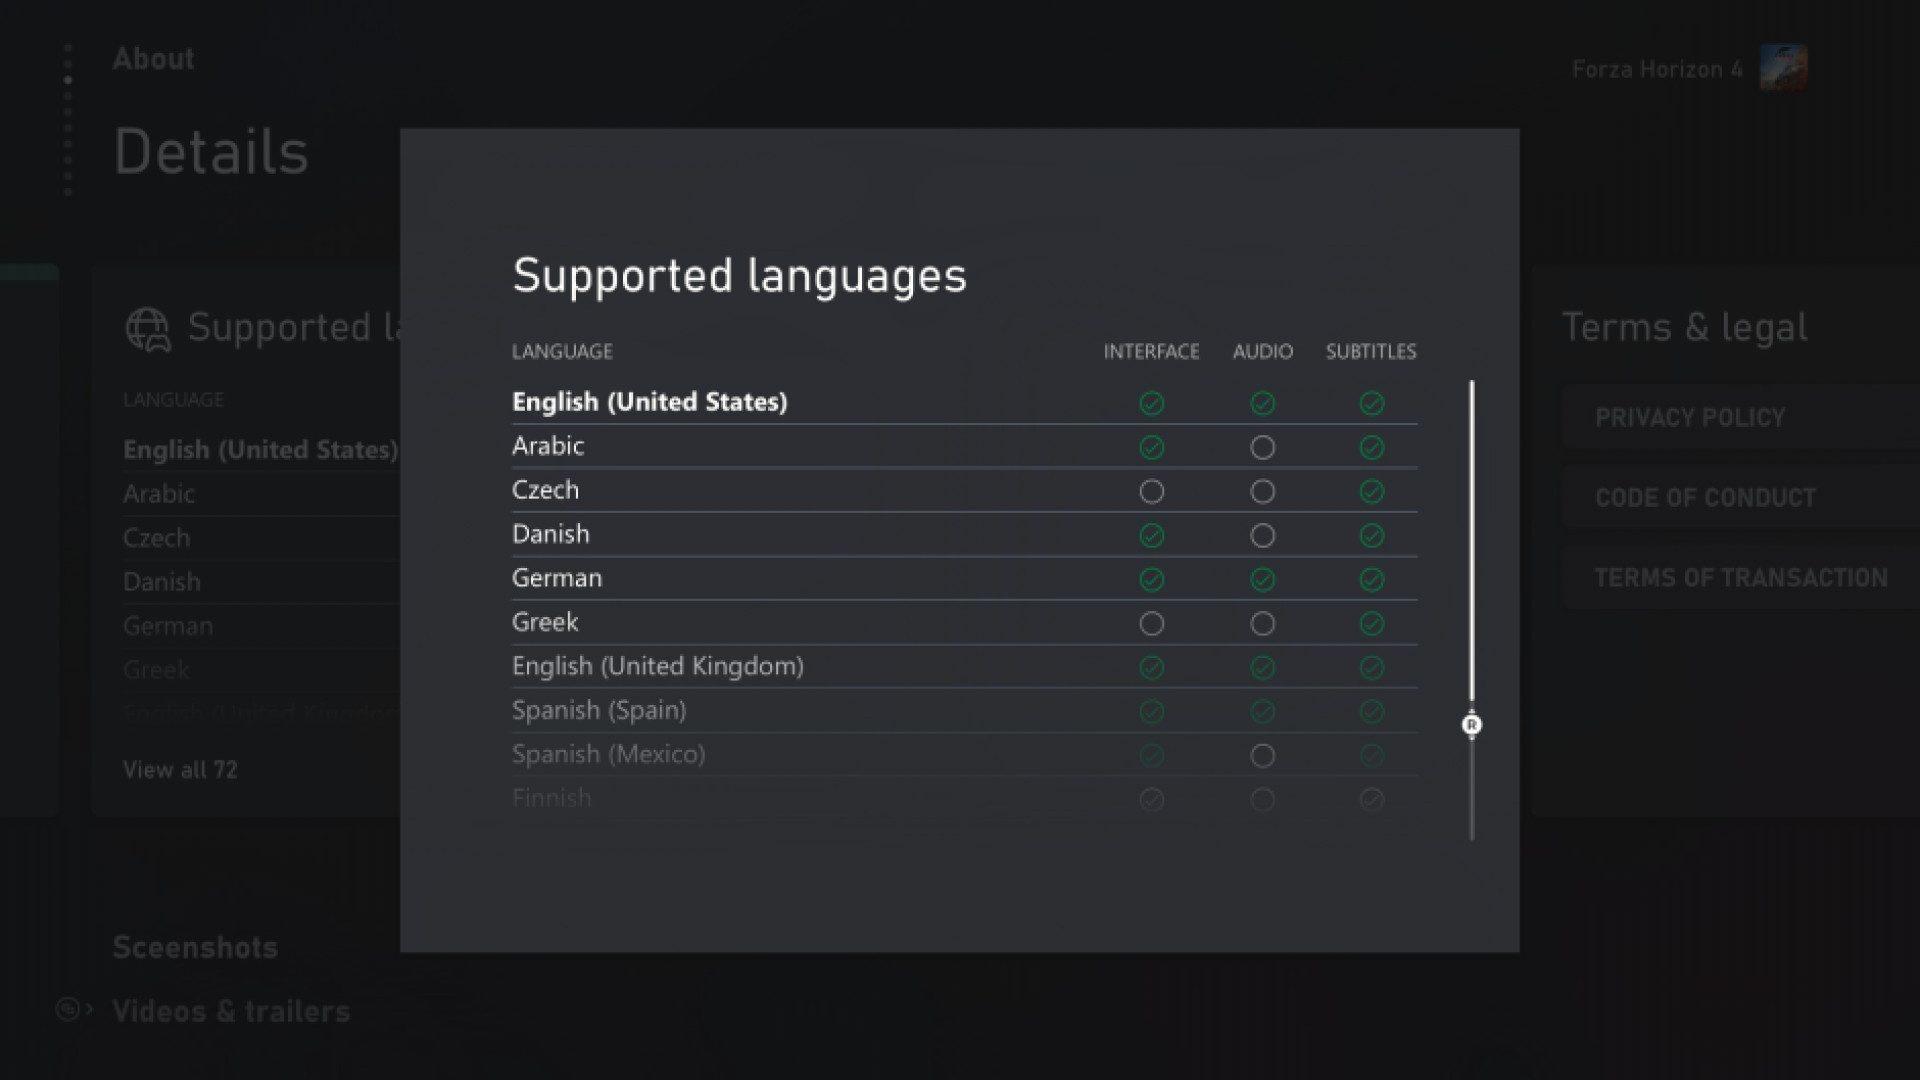 Xbox mejora la consulta de idiomas soportados en todos sus listados de juegos - Al fin podremos saber perfectamente si el próximo Halo vendrá doblado. Mejoran las listas de idiomas soportados en la Store.